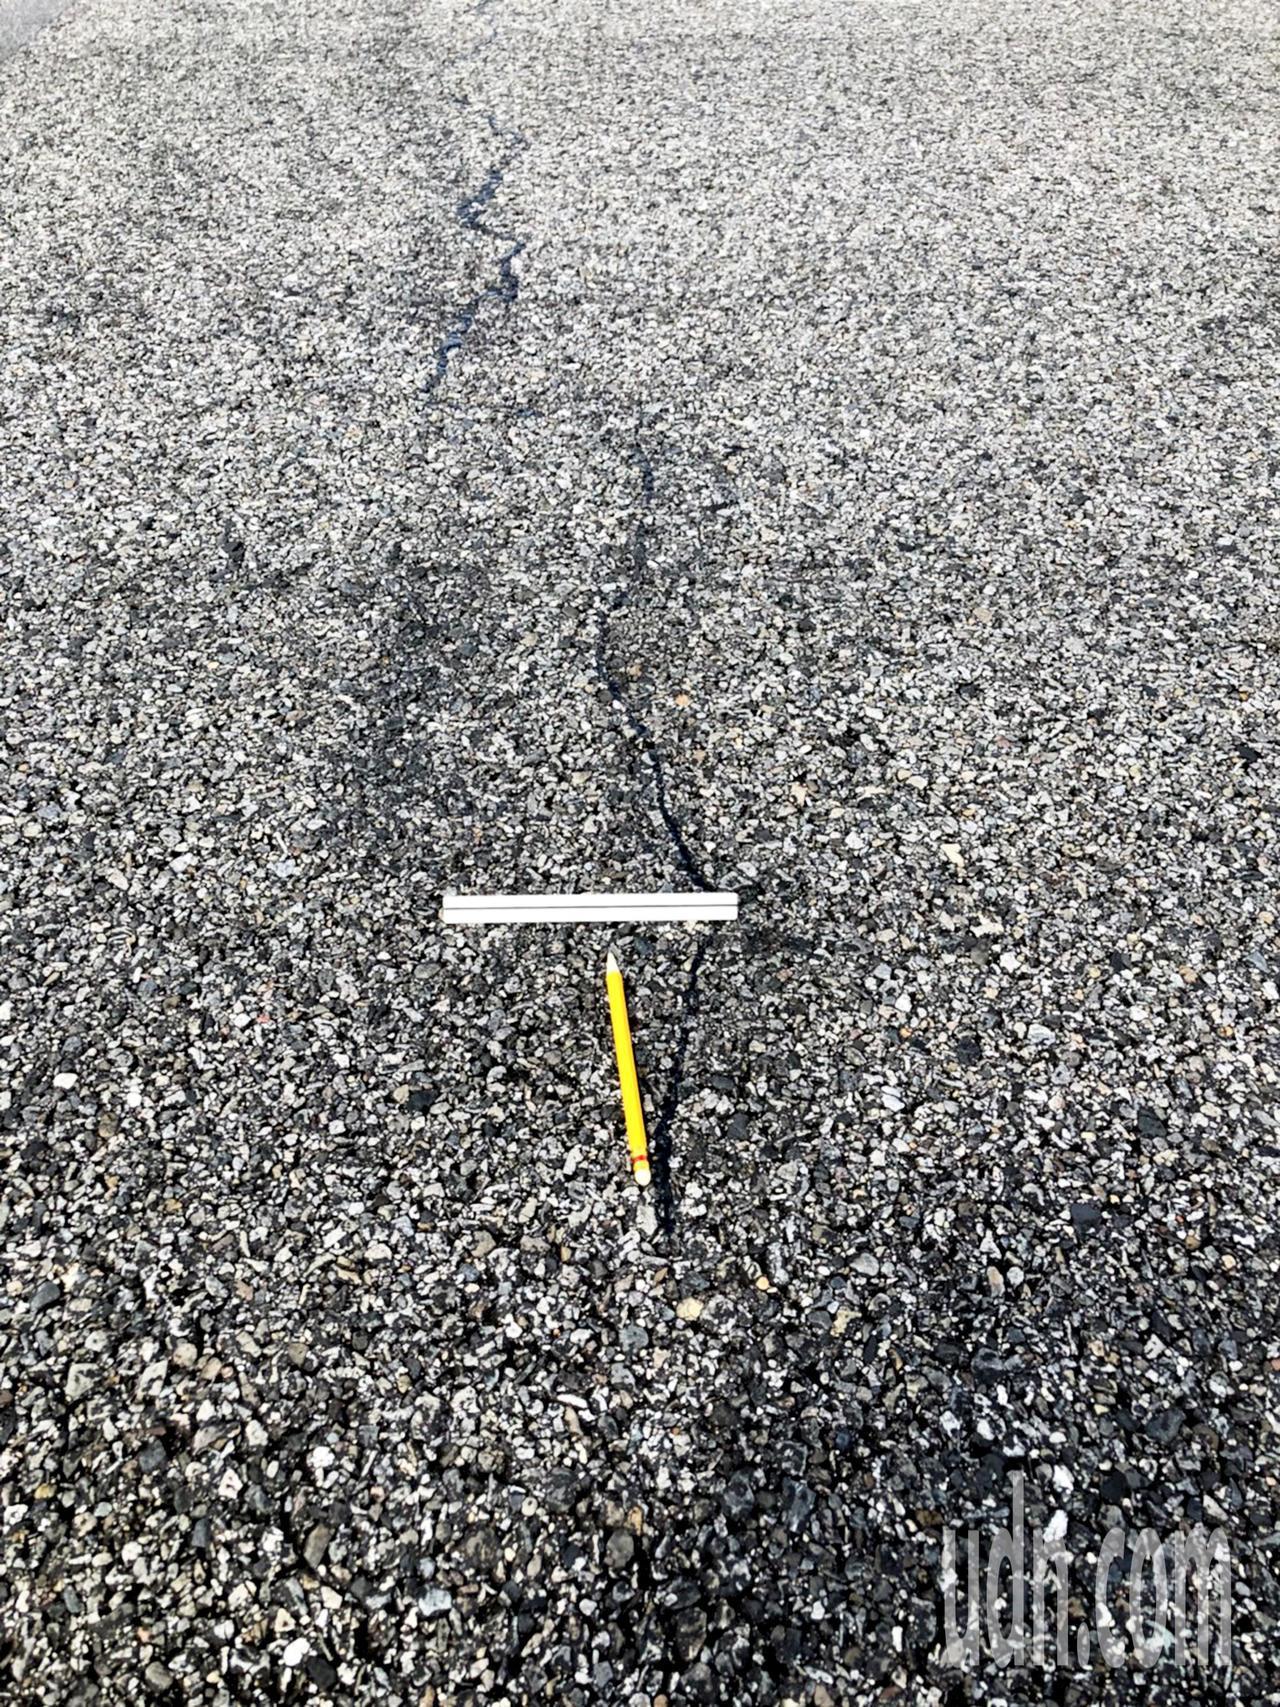 桃園機場南跑道中段出現的裂縫,桃機公司澄清長度只有9公尺,寬度約2公厘至3公厘,...